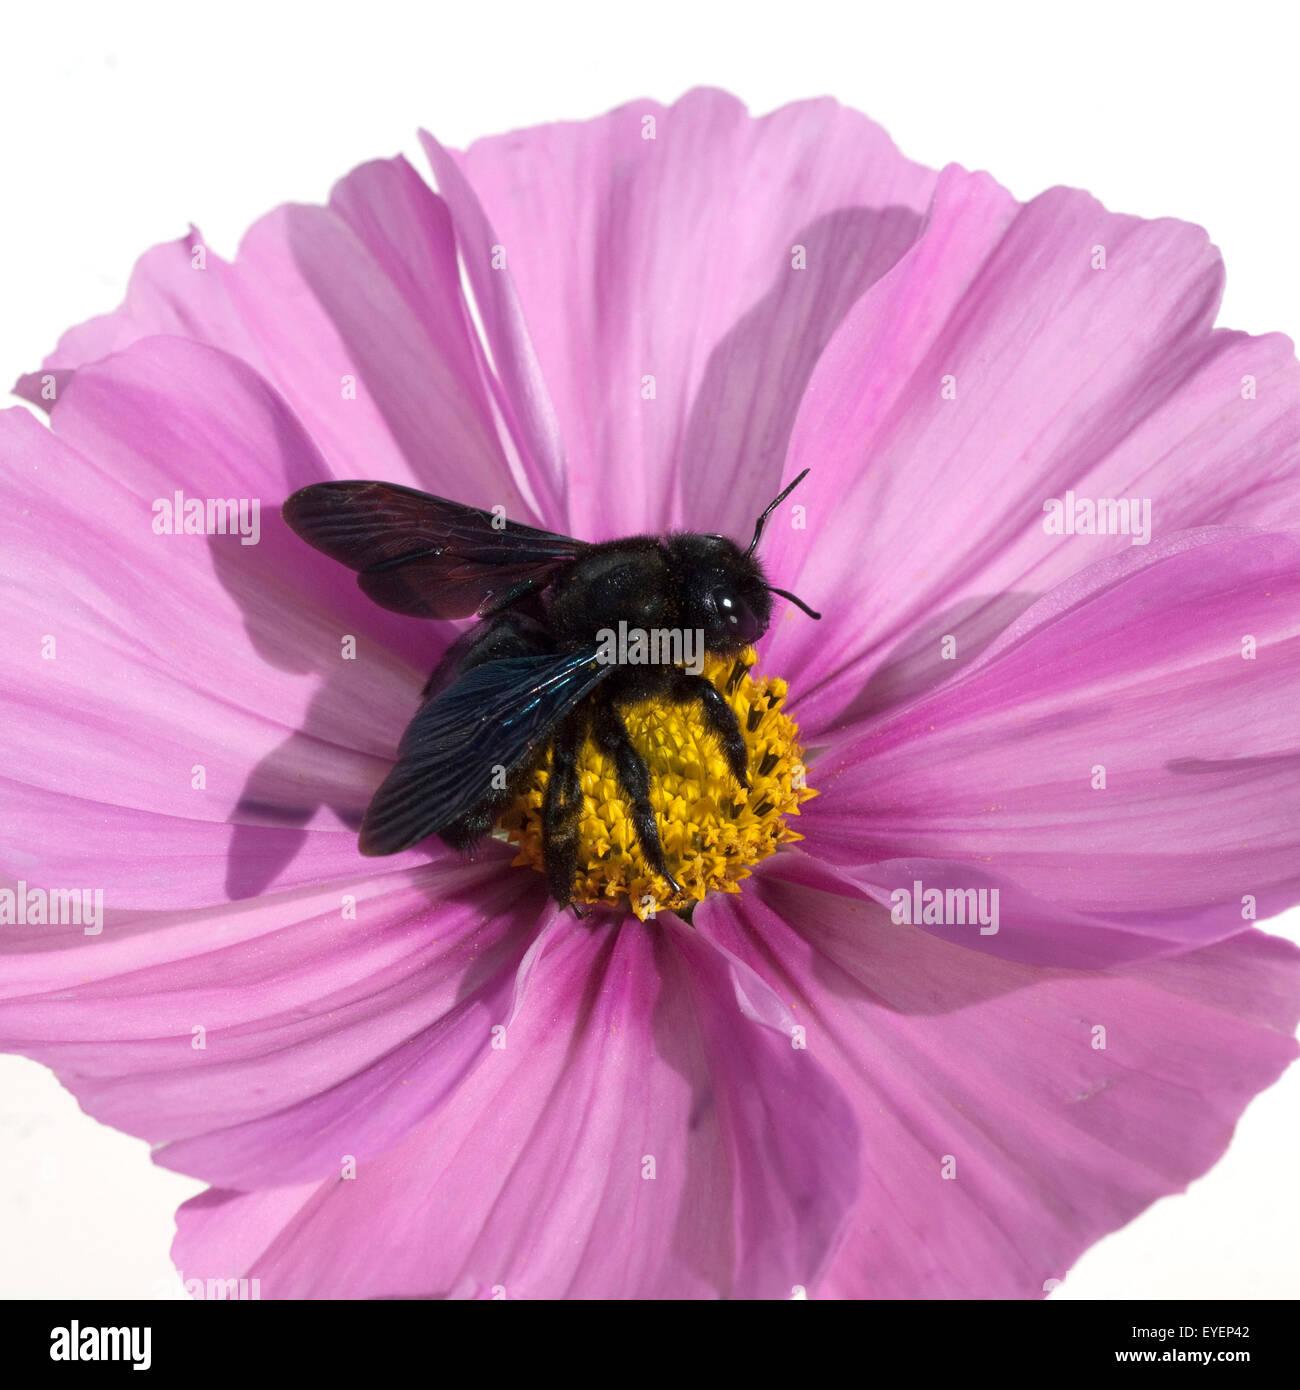 Holzbiene, Xylocopa, violacea, Grosse, Blaue, Violette, Wildbienen, - Stock Image